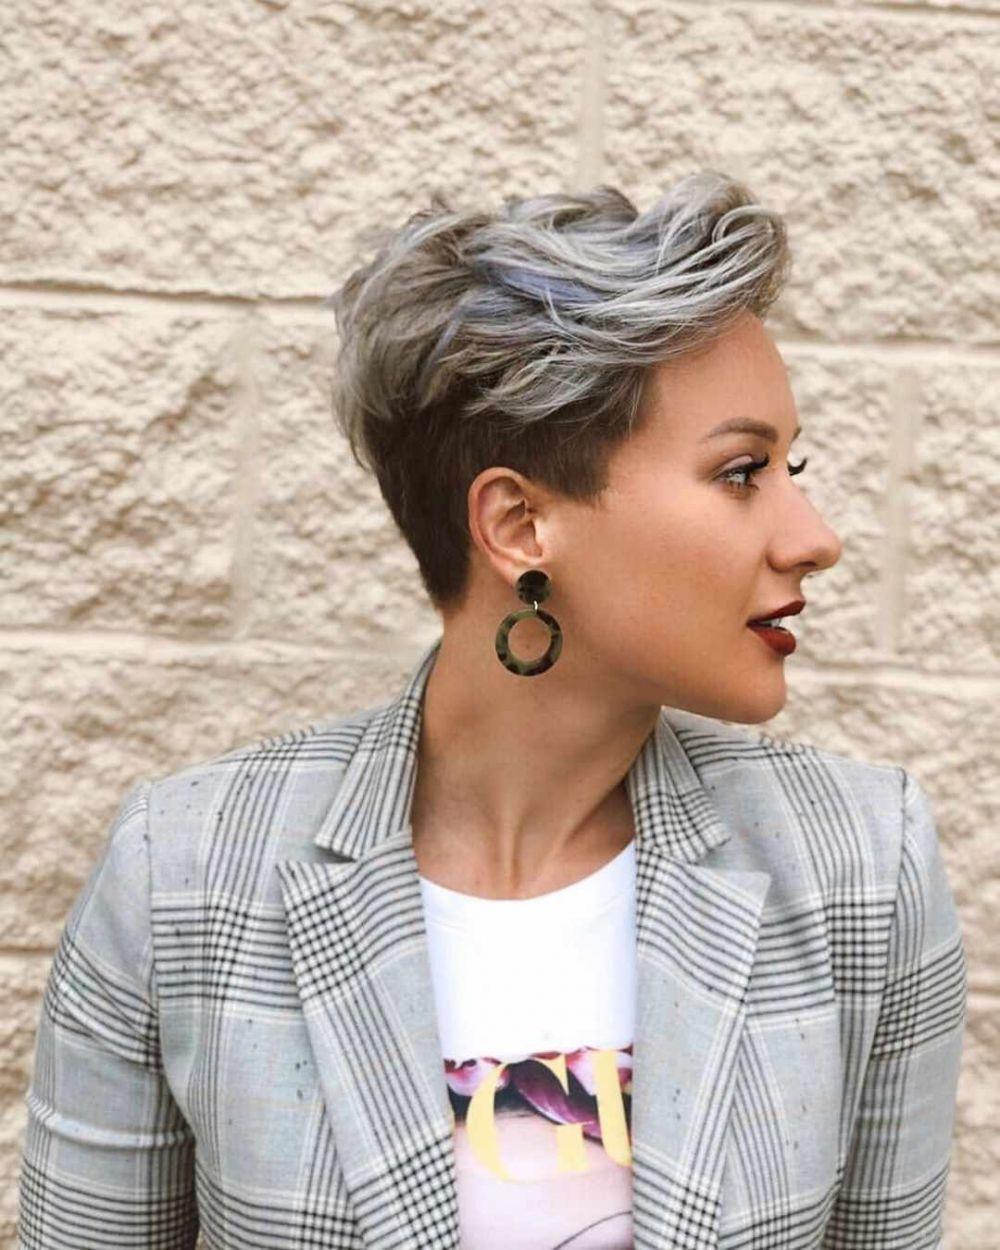 13 Gaya rambut cewek yang diprediksi jadi tren 2020